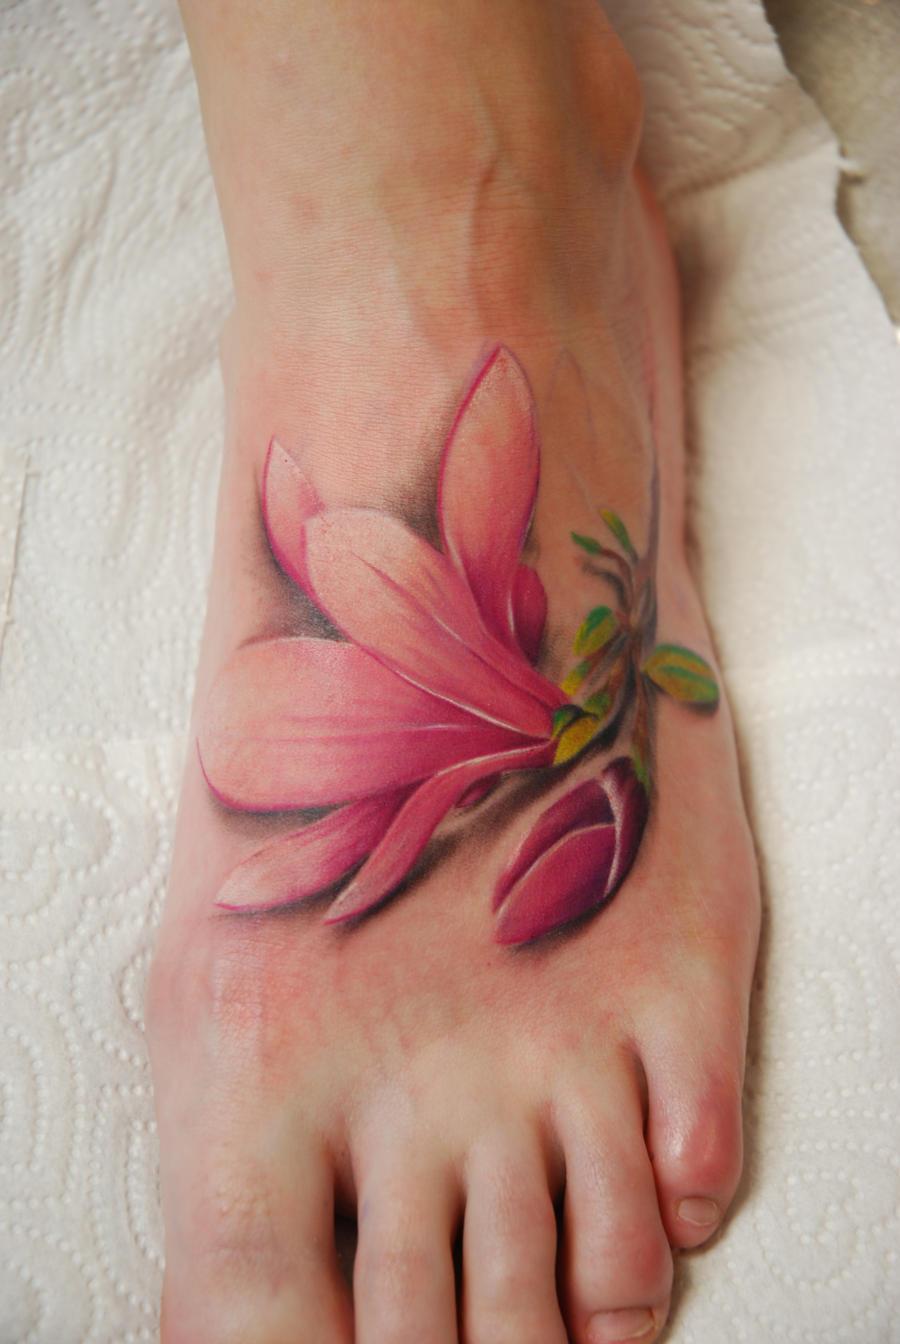 magnolia foot tattoo - photo #4